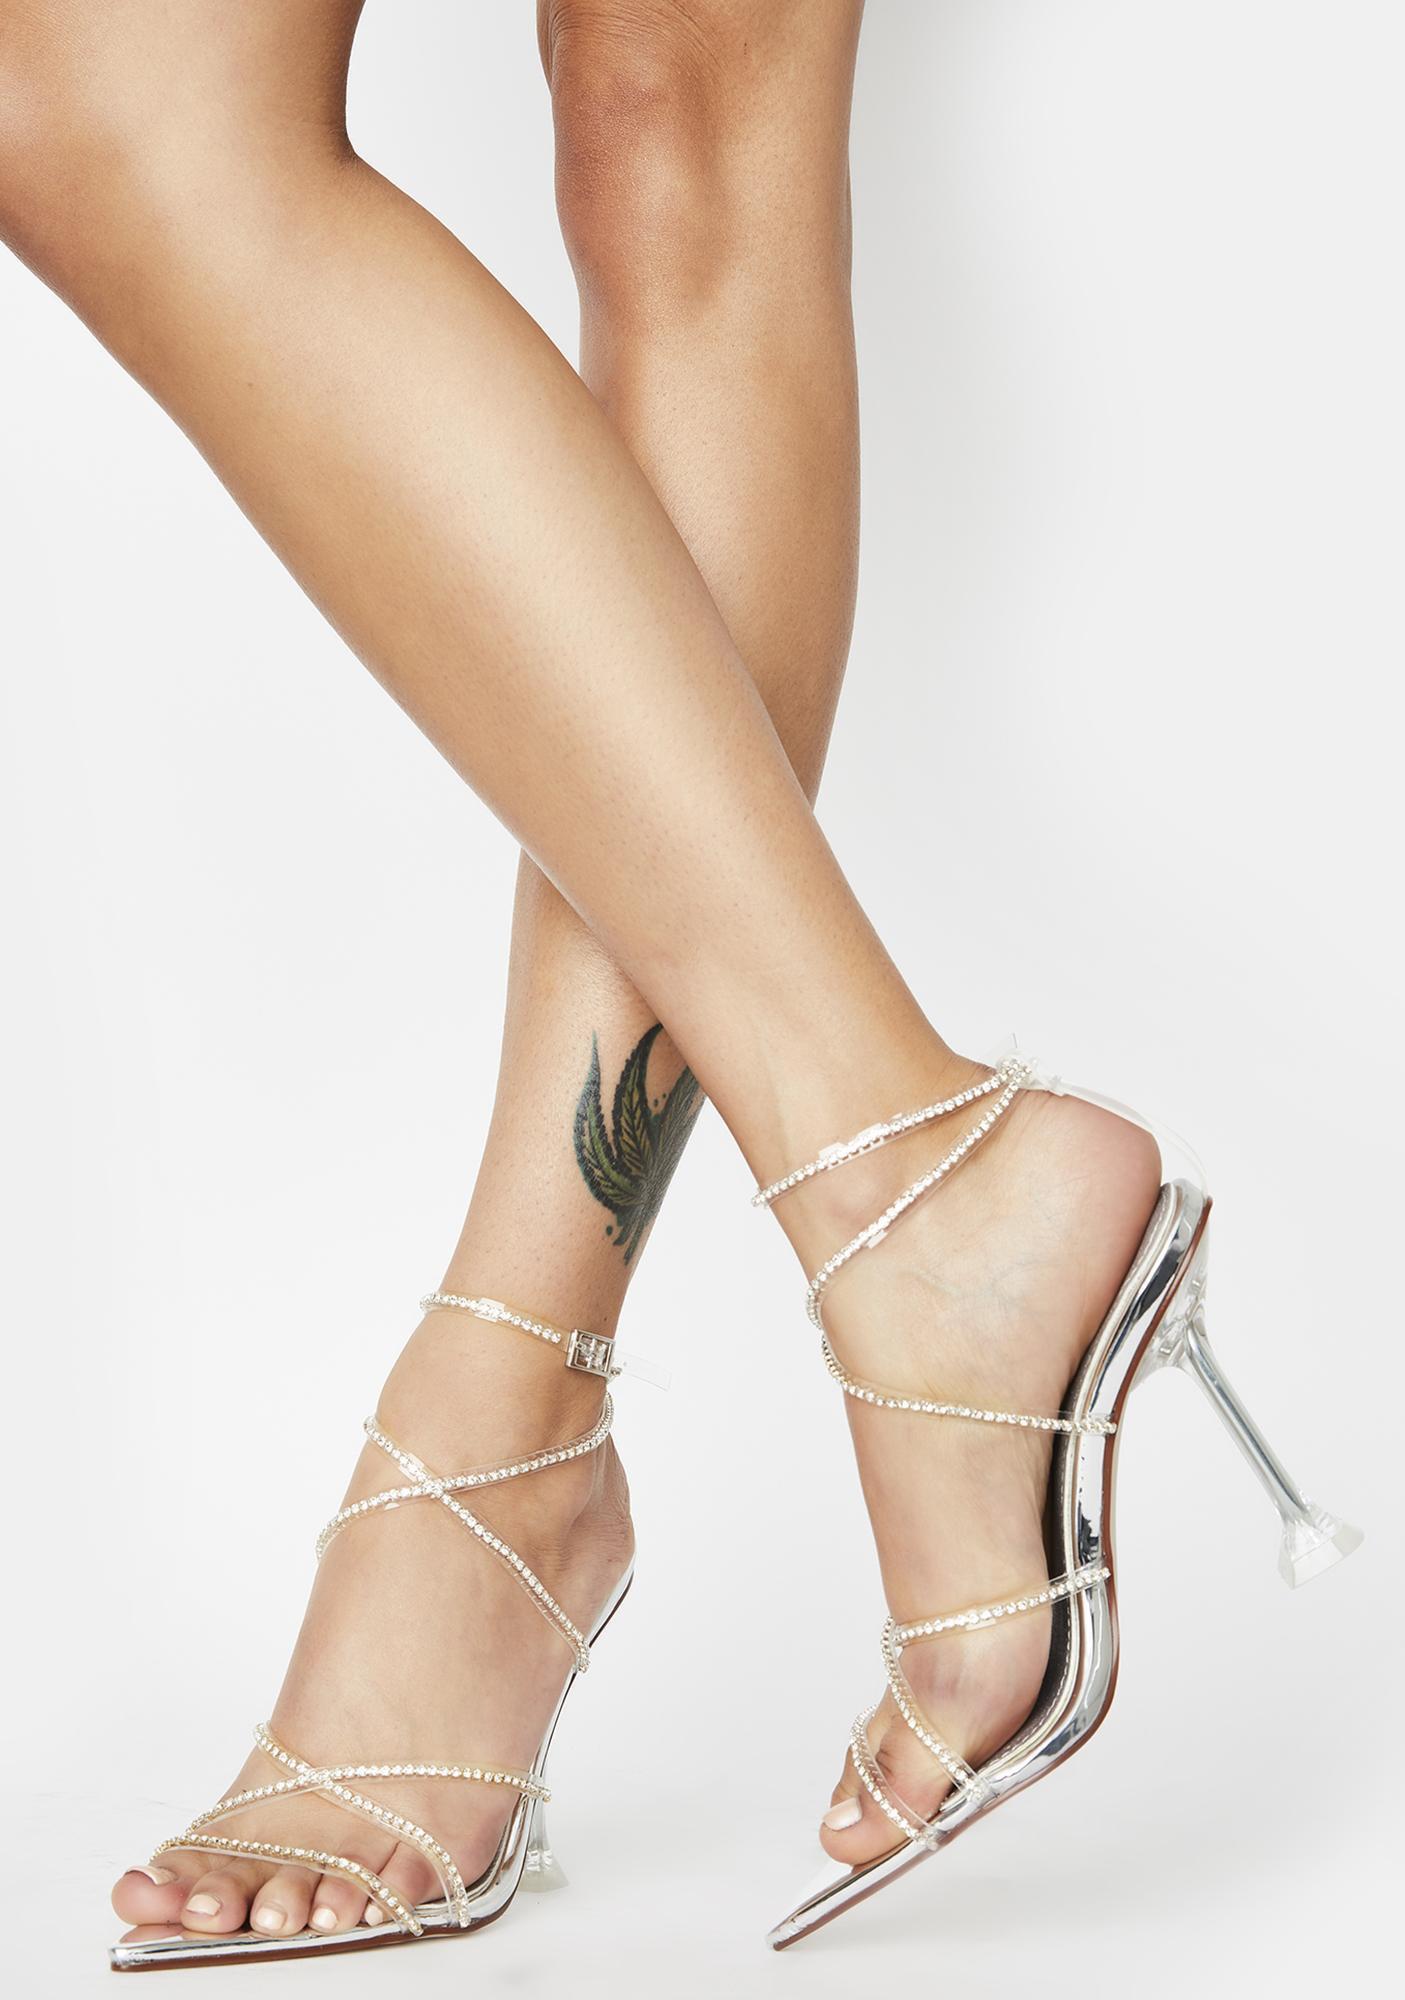 AZALEA WANG Ravenna Rhinestone Heels